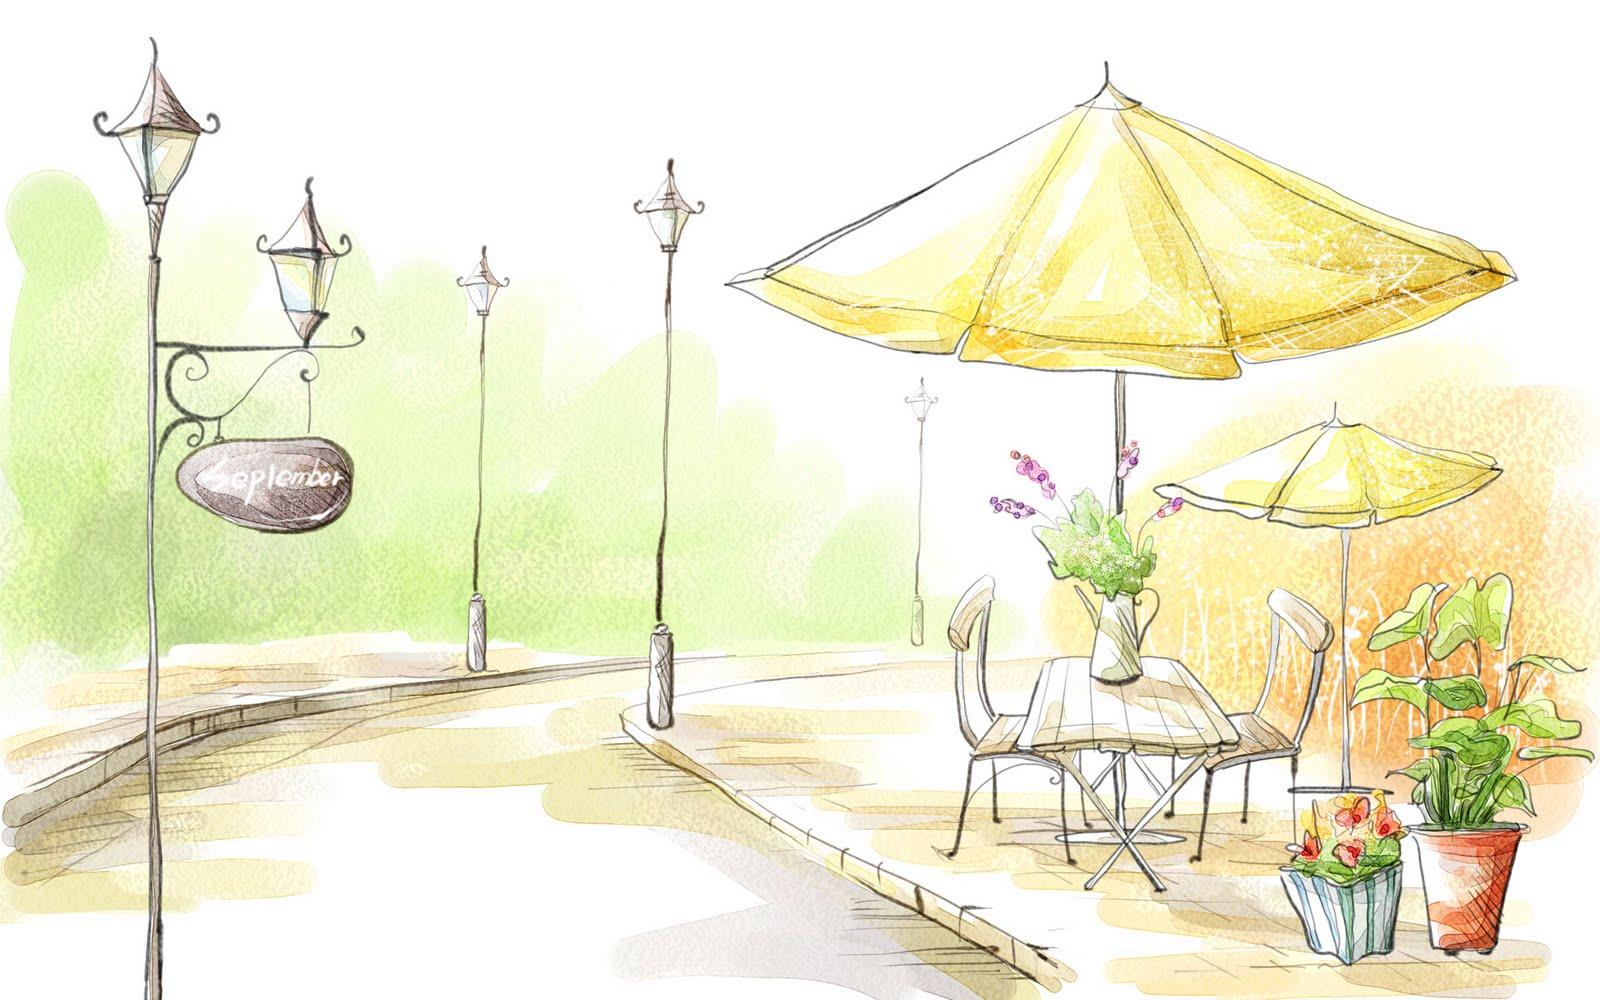 http://1.bp.blogspot.com/_0EWrpebzbIA/S_w_6ne4geI/AAAAAAAAAP0/7Qe8p9C1n24/s1600/digital-art-drawing-wallpaper%252B(8).jpg